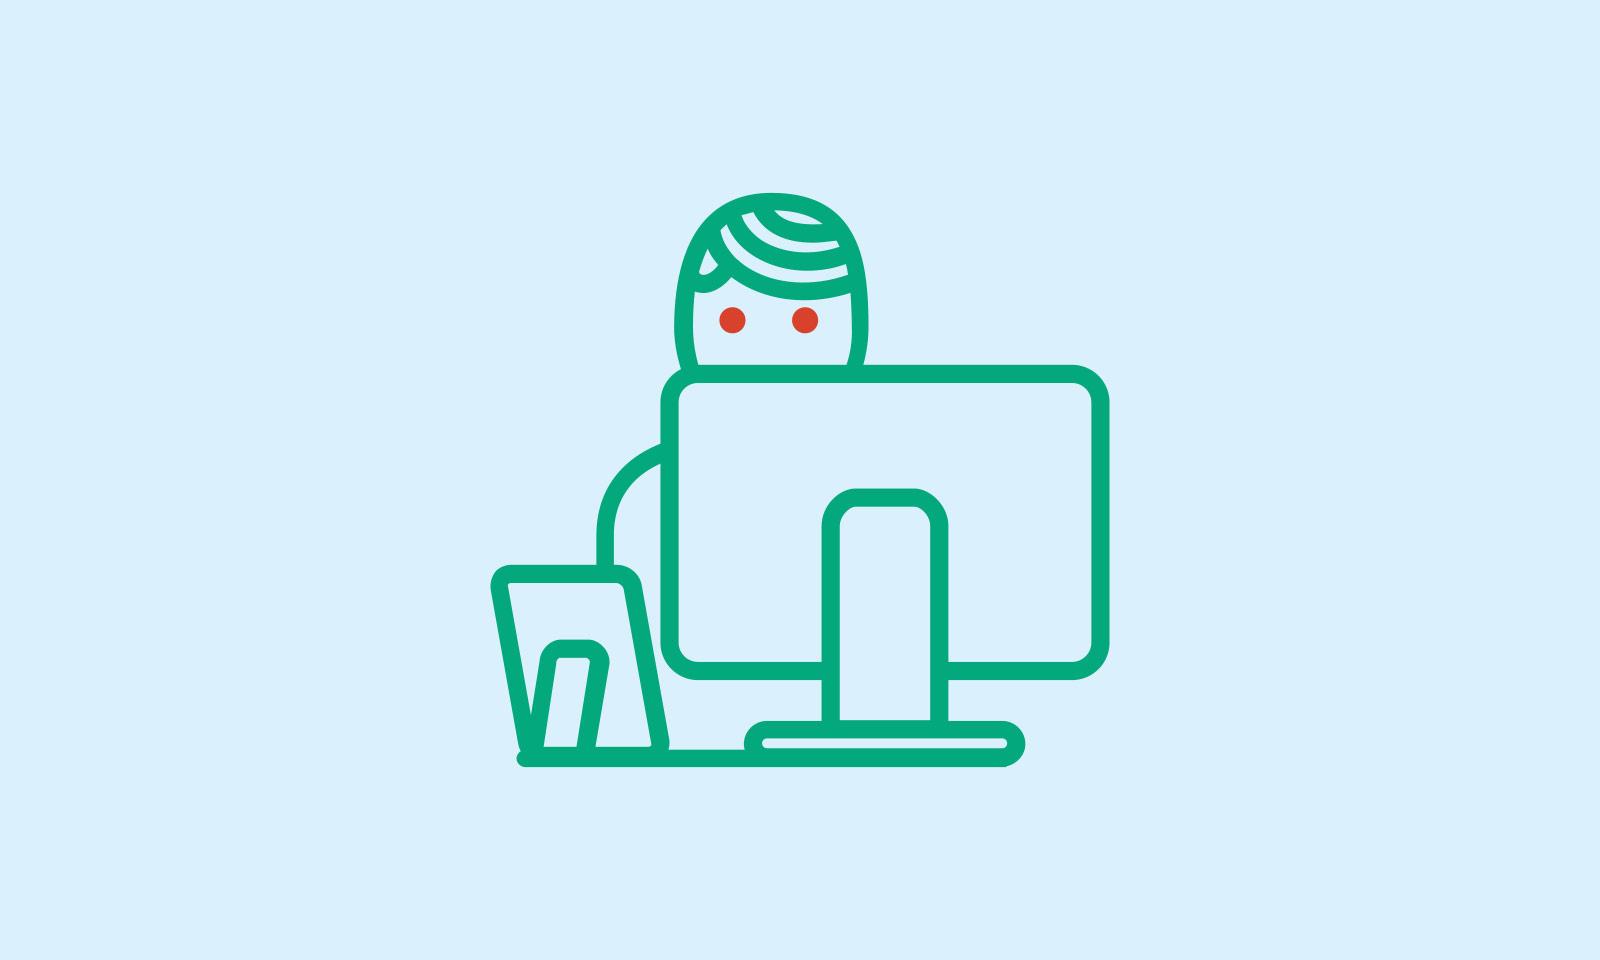 Тестирование глазами разработчика: инструменты, мифы, ситуации